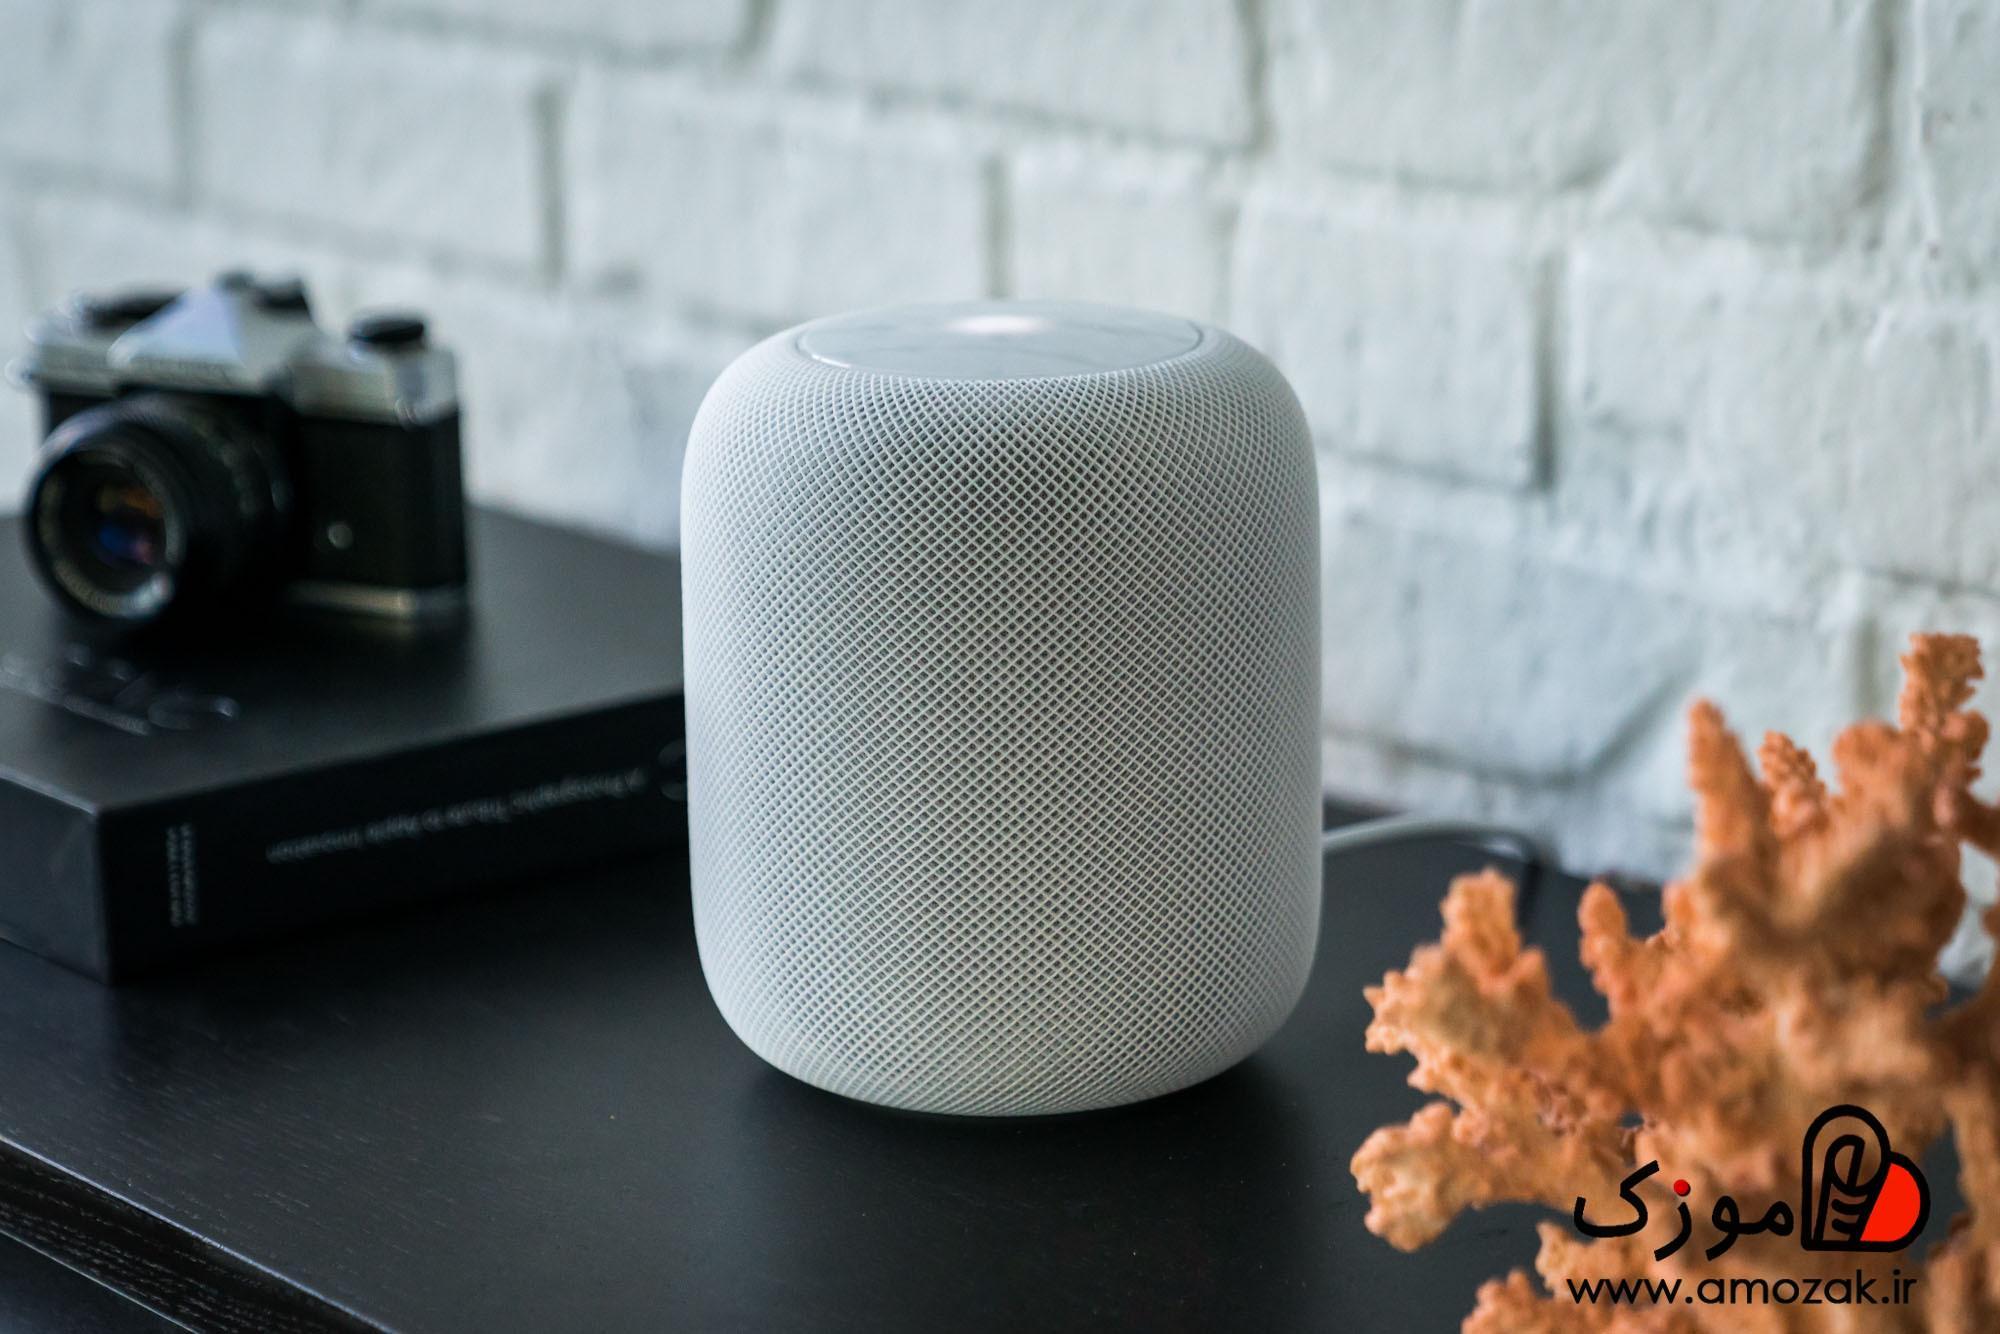 تصویر آیا Homepod اپل می تواند از رقبای خود پیشی گیرد؟